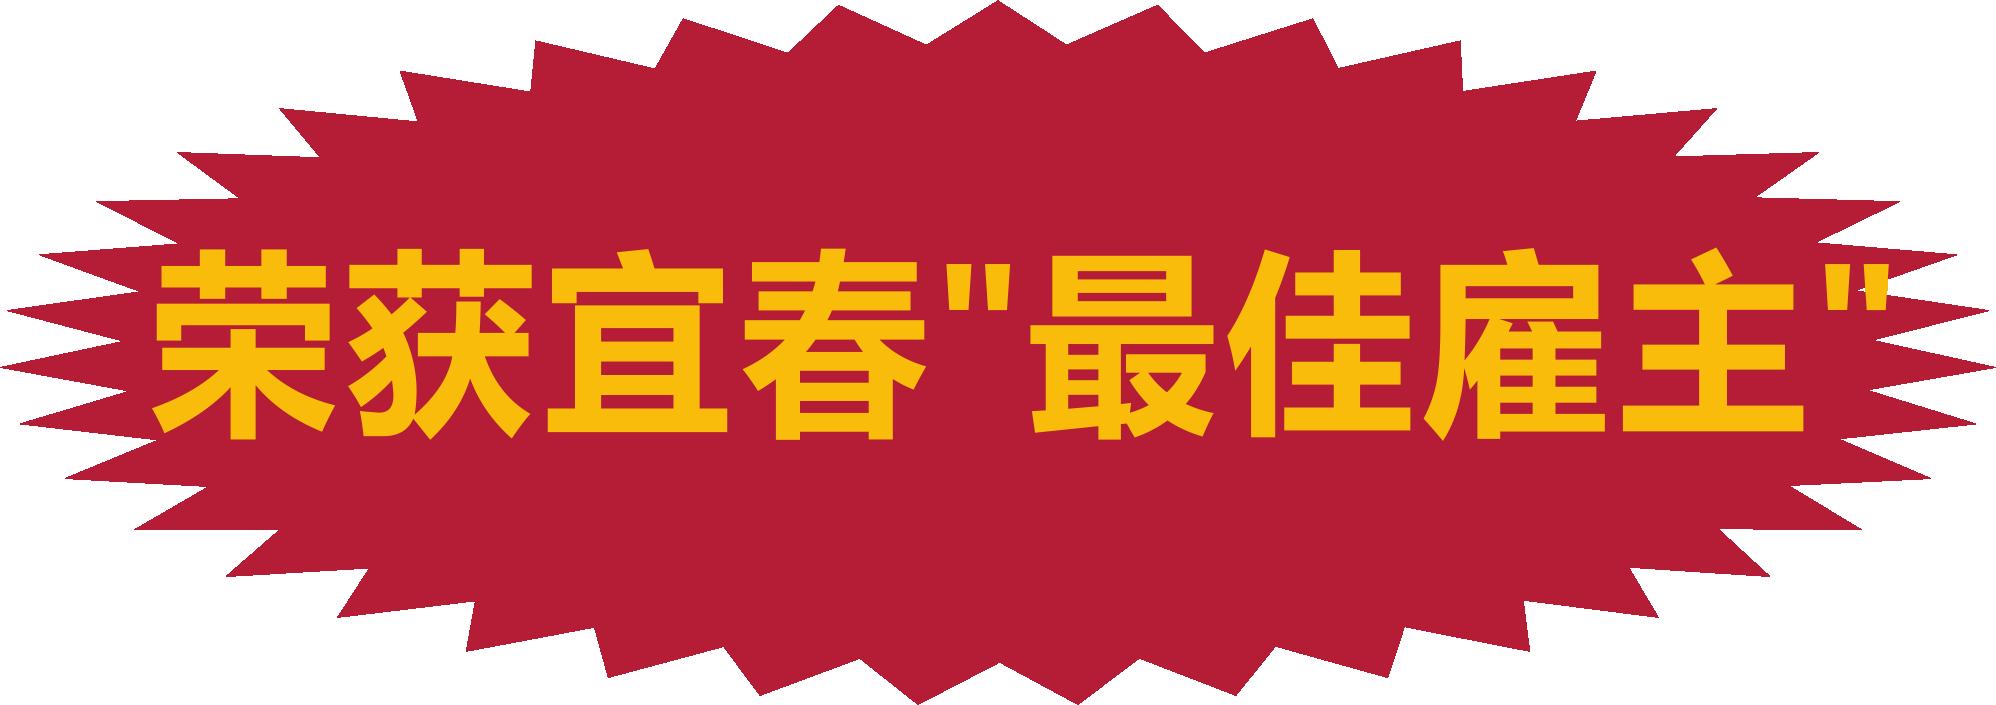 宜春天虹购物中心大型招聘会